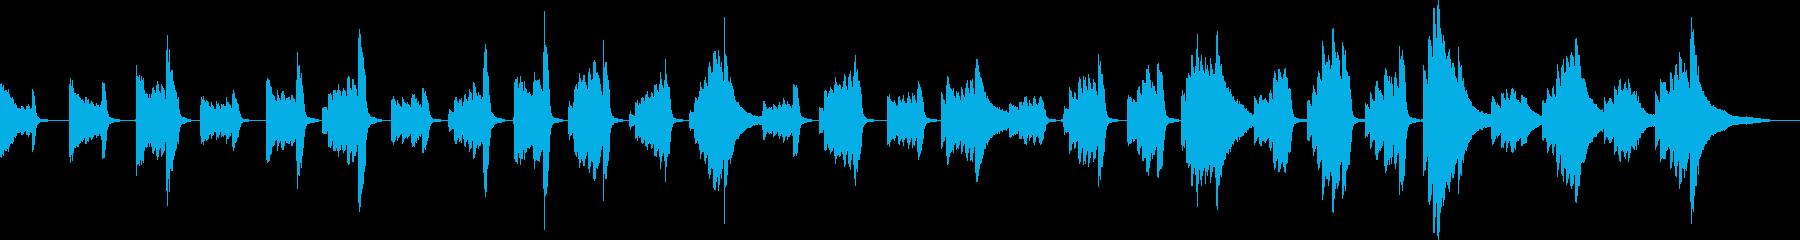 潜入のBGM(ピアノ)の再生済みの波形